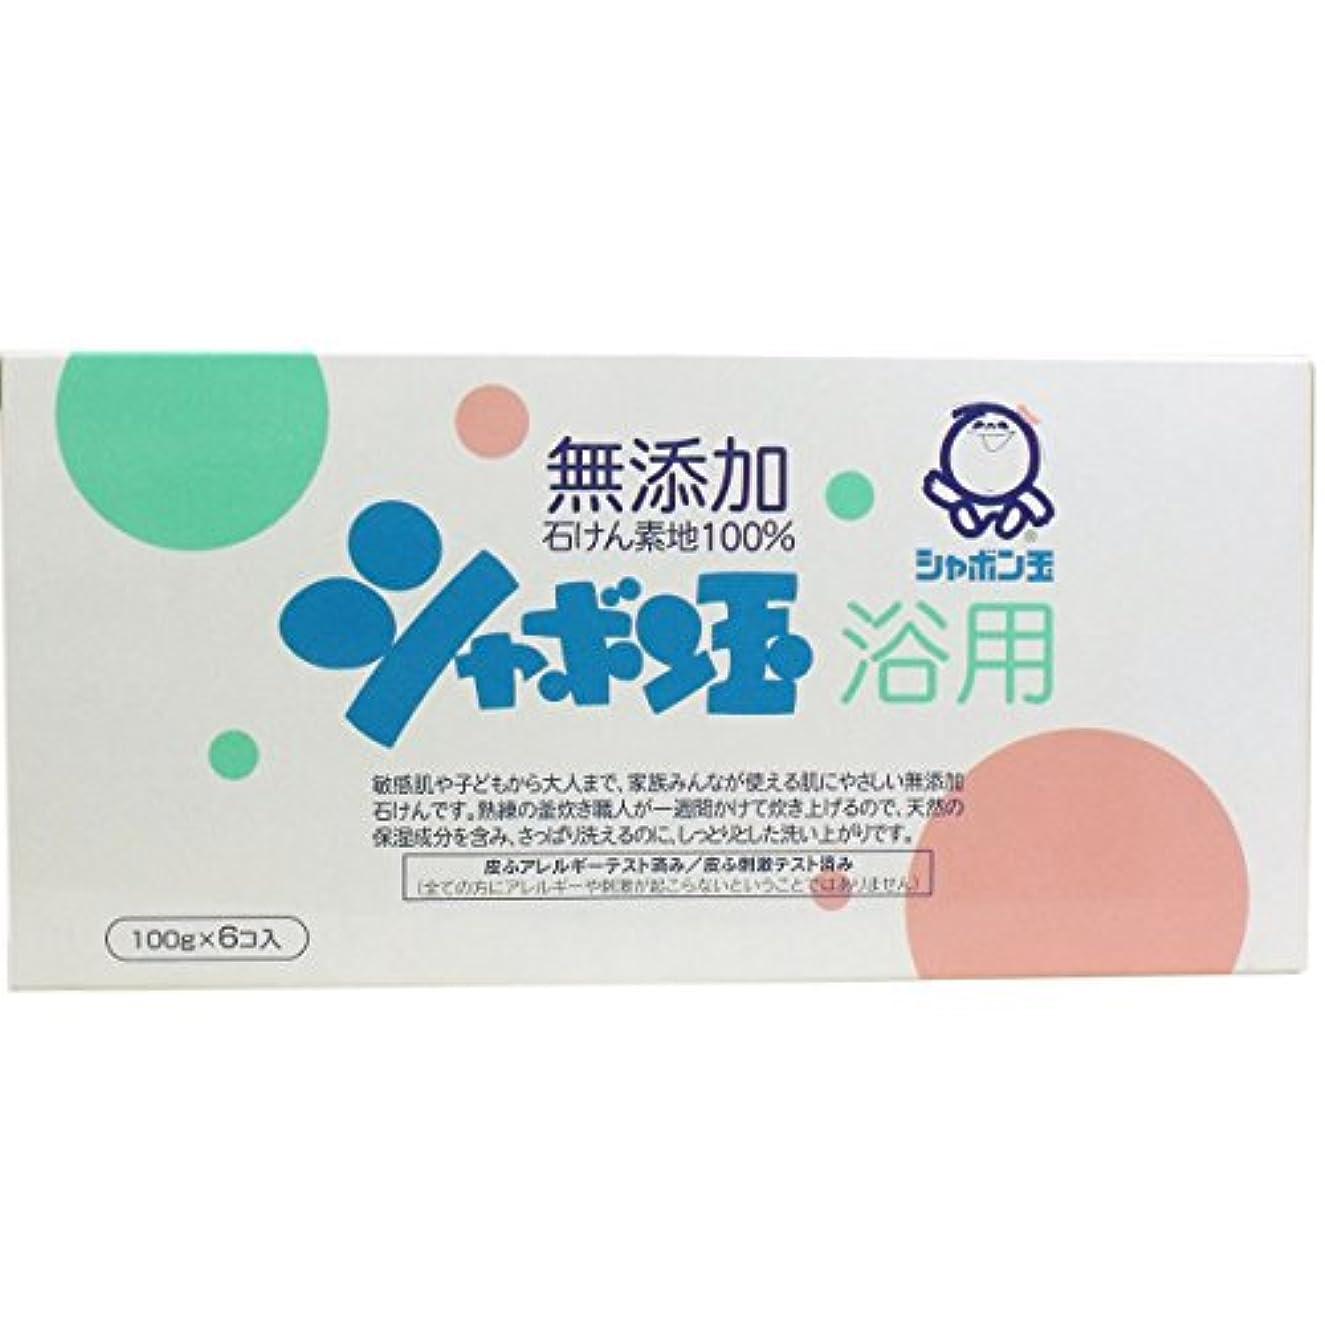 ケープサーマル宝石【セット品】化粧石けんシャボン玉浴用 6P 100G×3セット